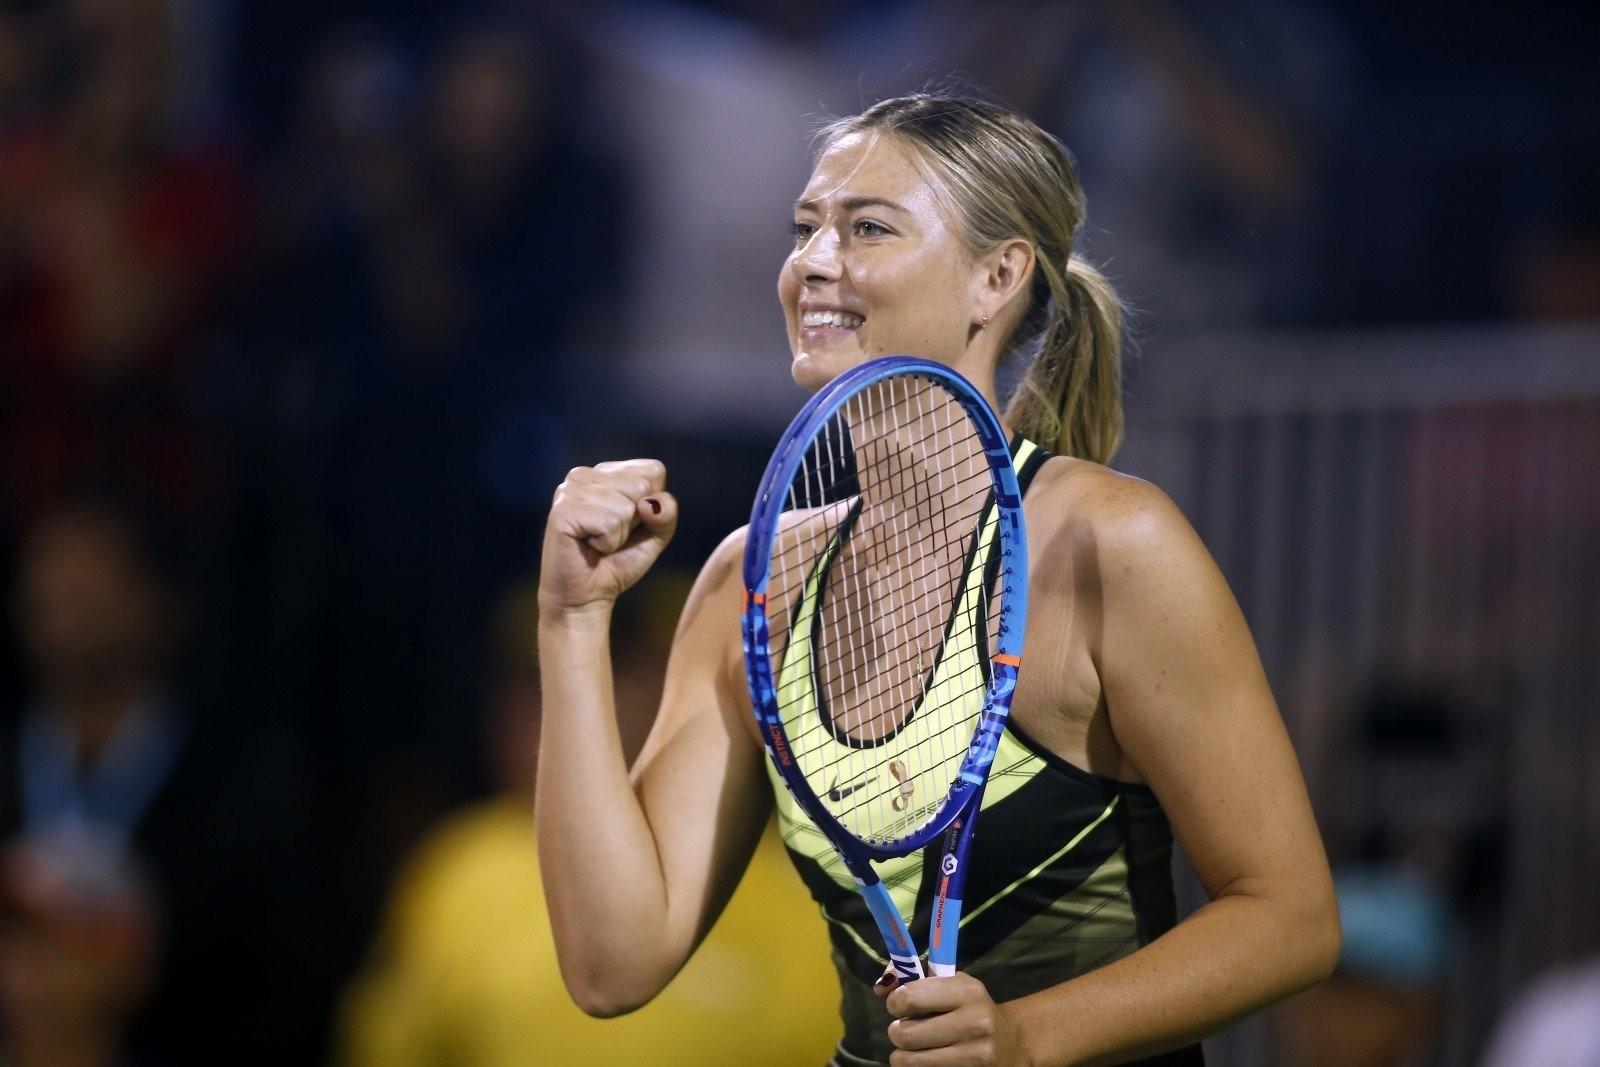 Русская  теннисистка Мария Шарапова сообщила , что несмотрит «Игру престолов»